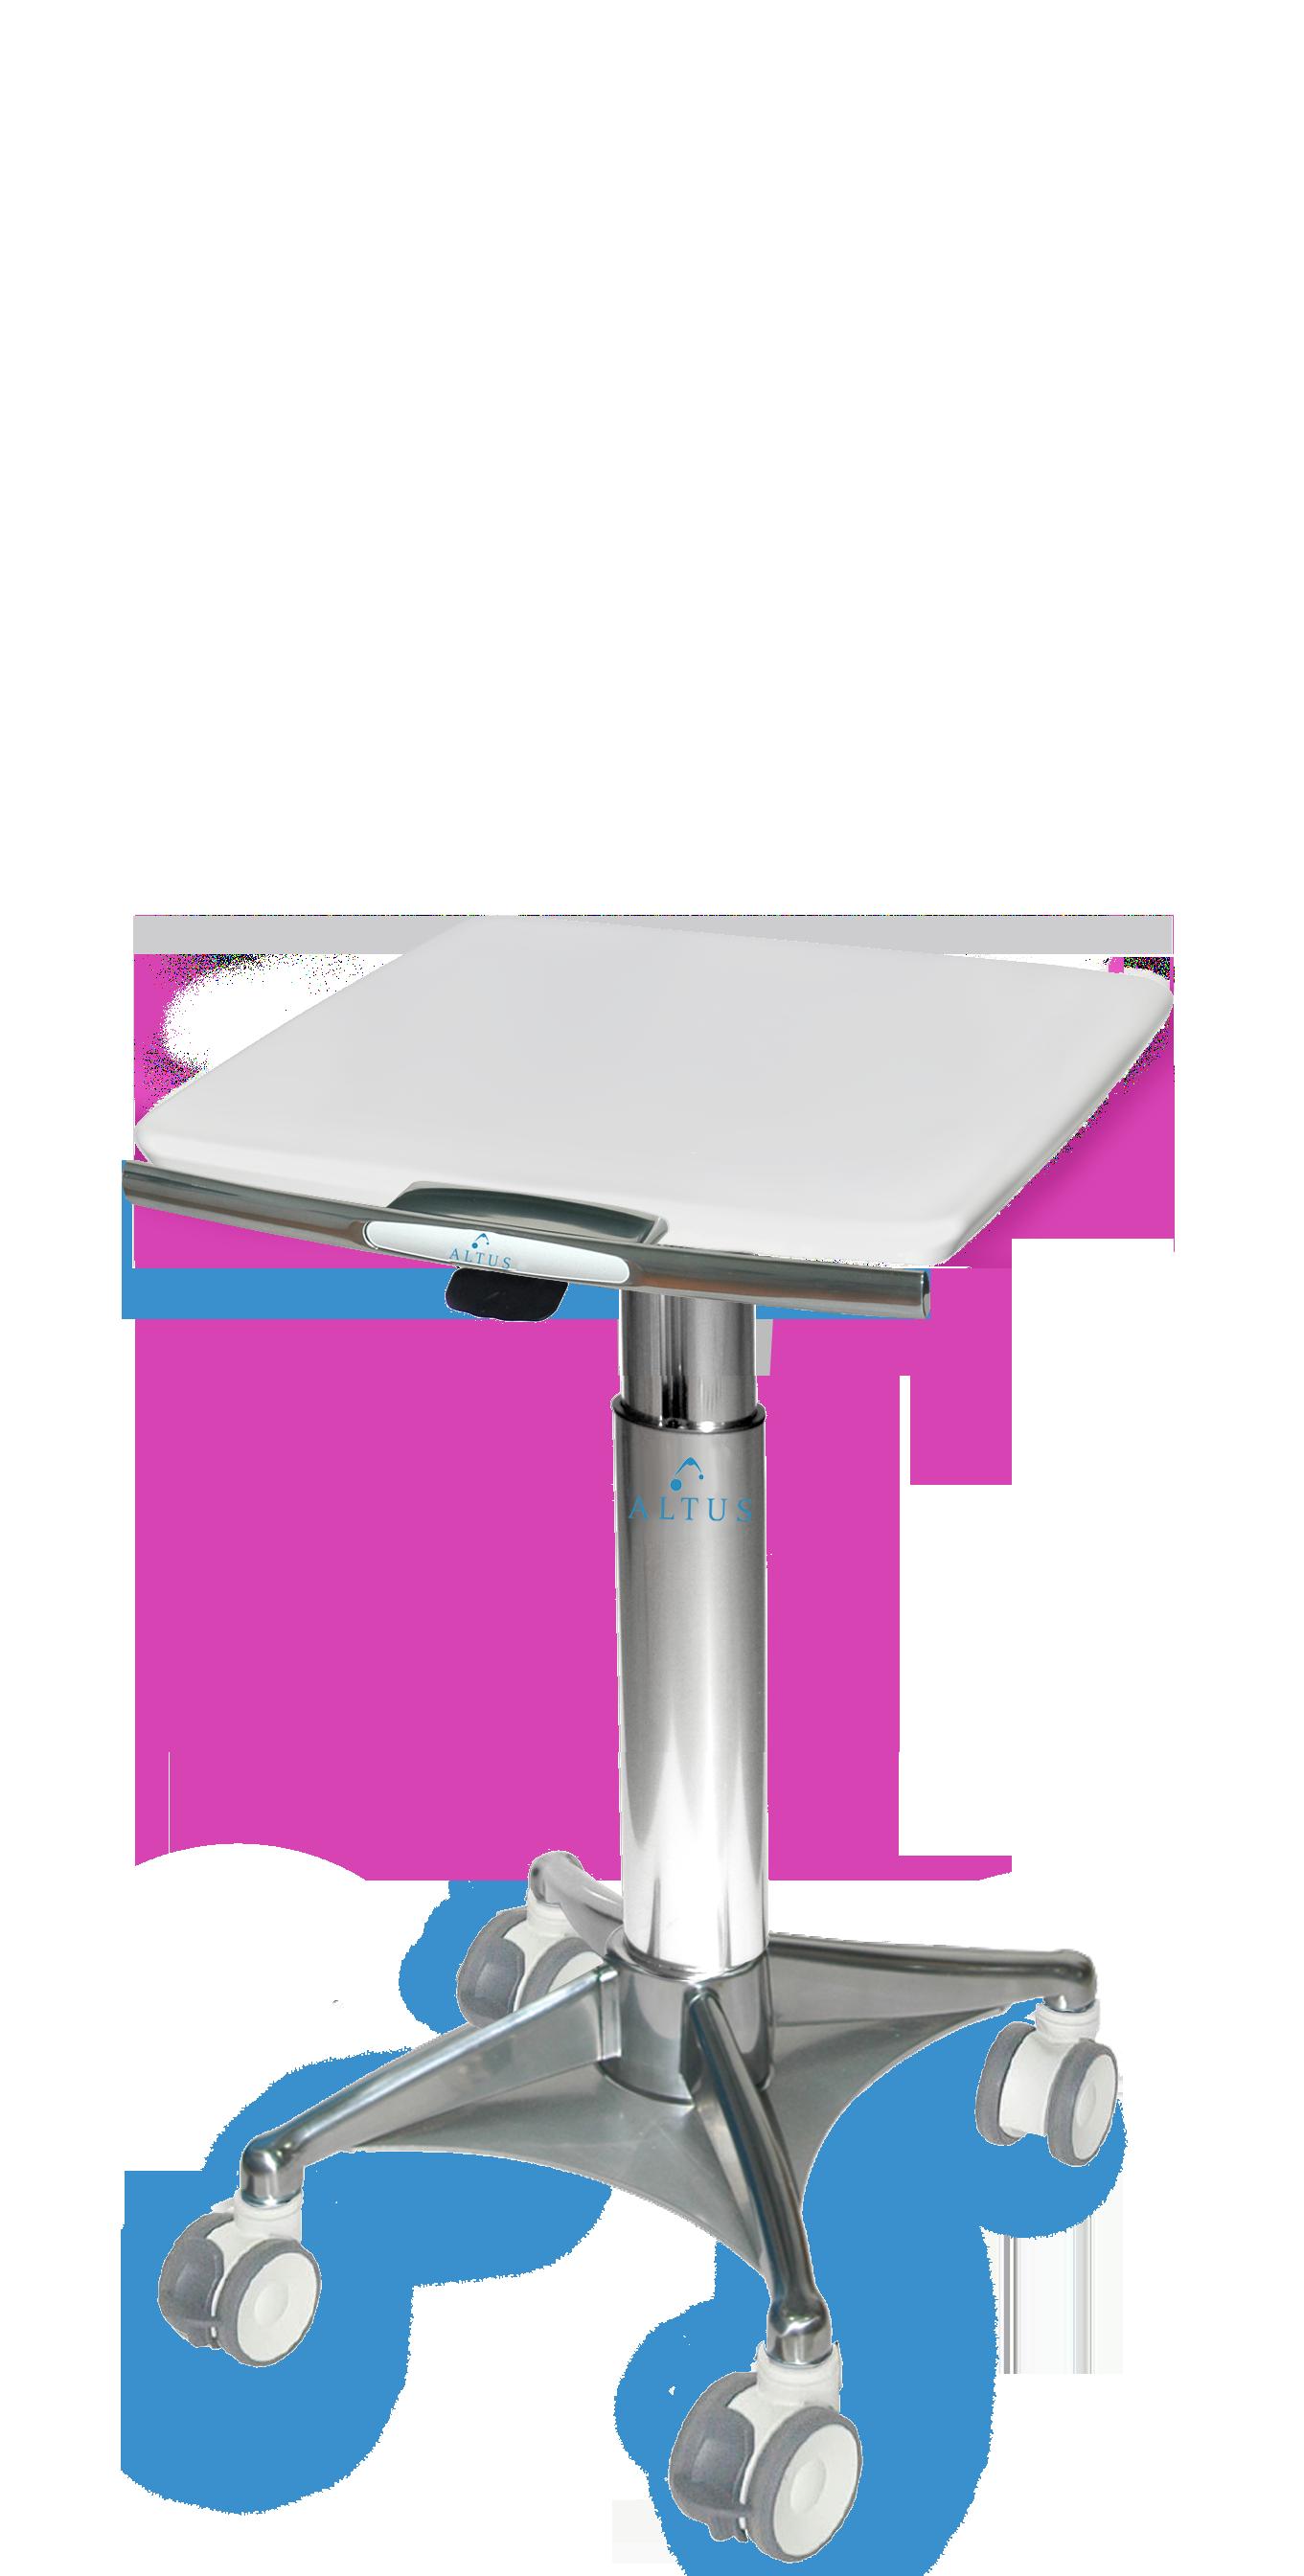 MED92: Phlebotomy Cart